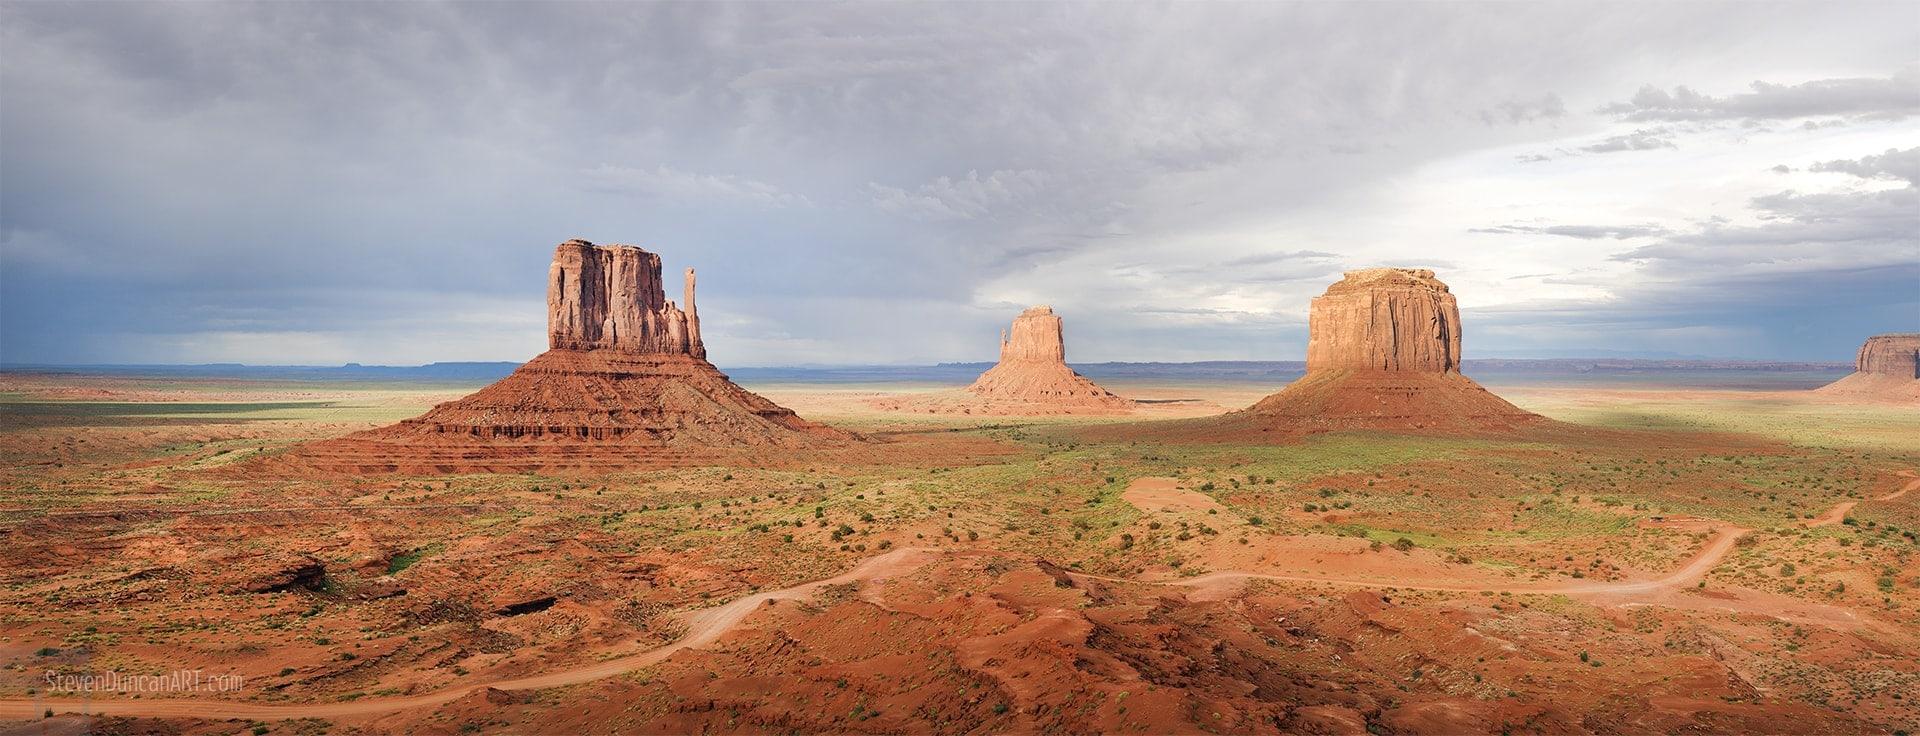 Monument Valley Around Arizona & Utah